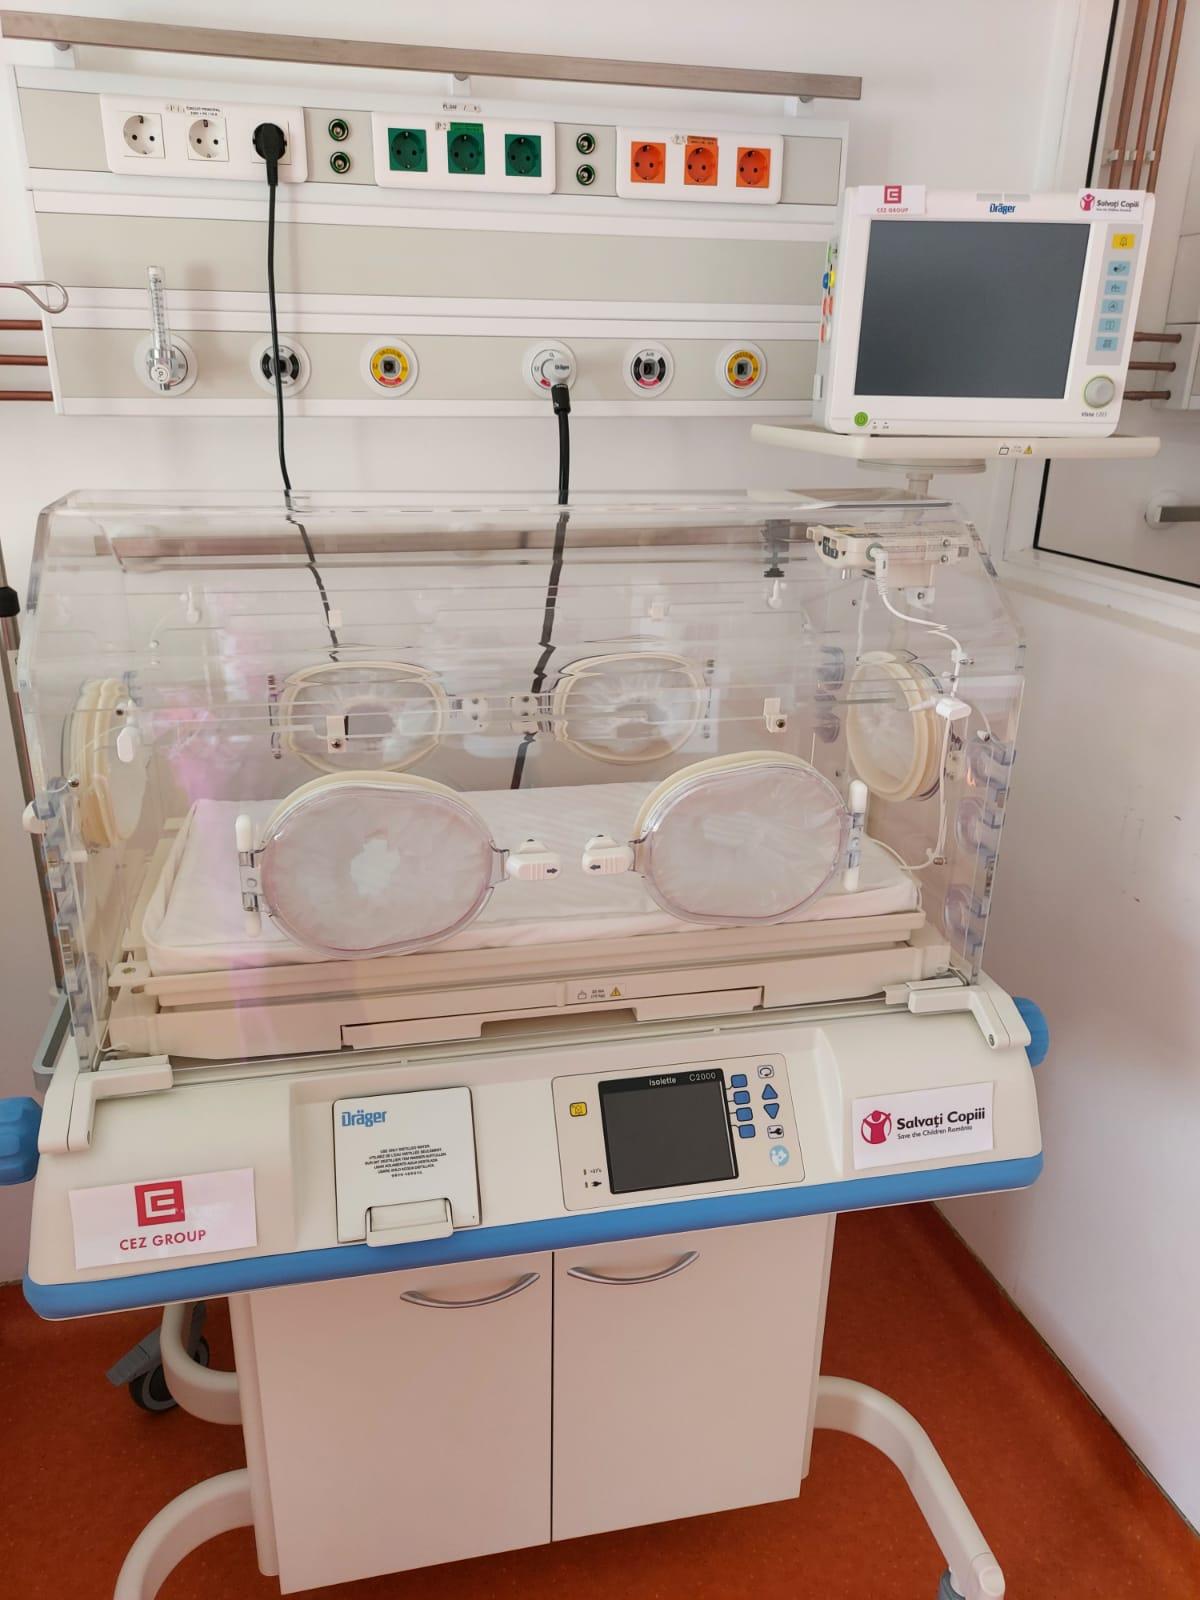 Secția de neonatologie a Spitalului Drobeta-Turnu Severin primește un incubator performant și un monitor de funcții vitale